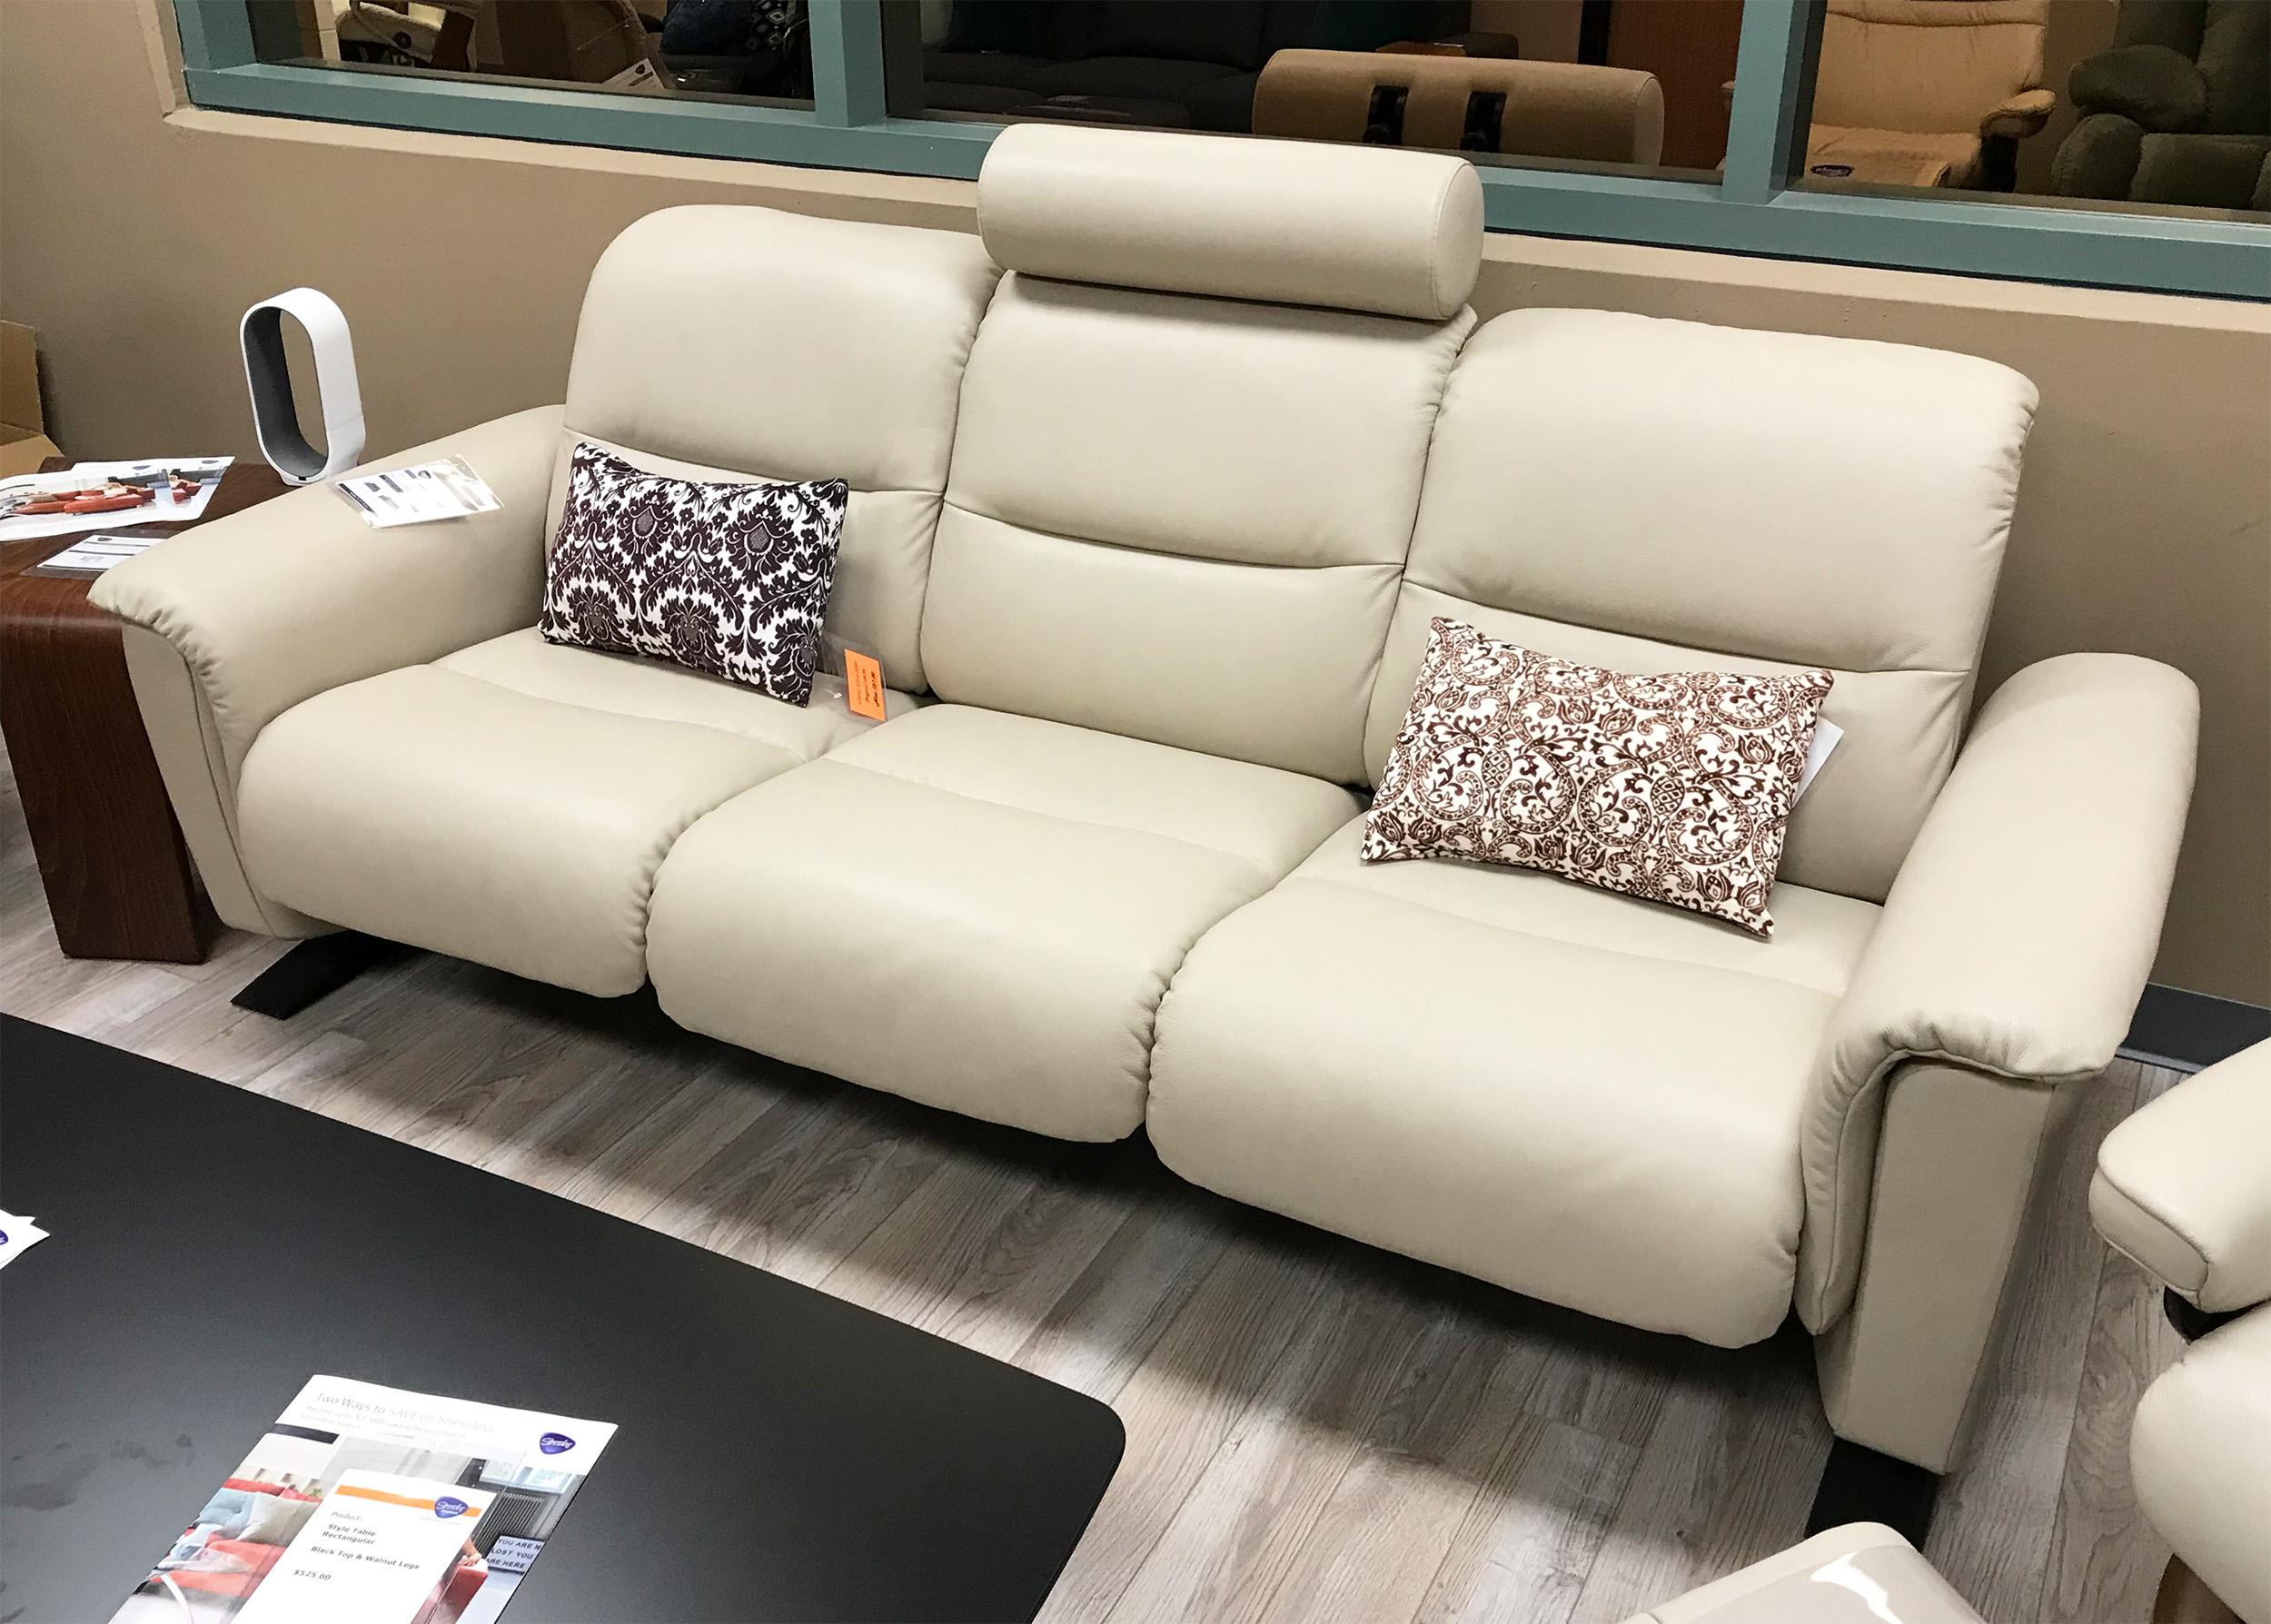 Panorama Sofa in Cori Fog Leather